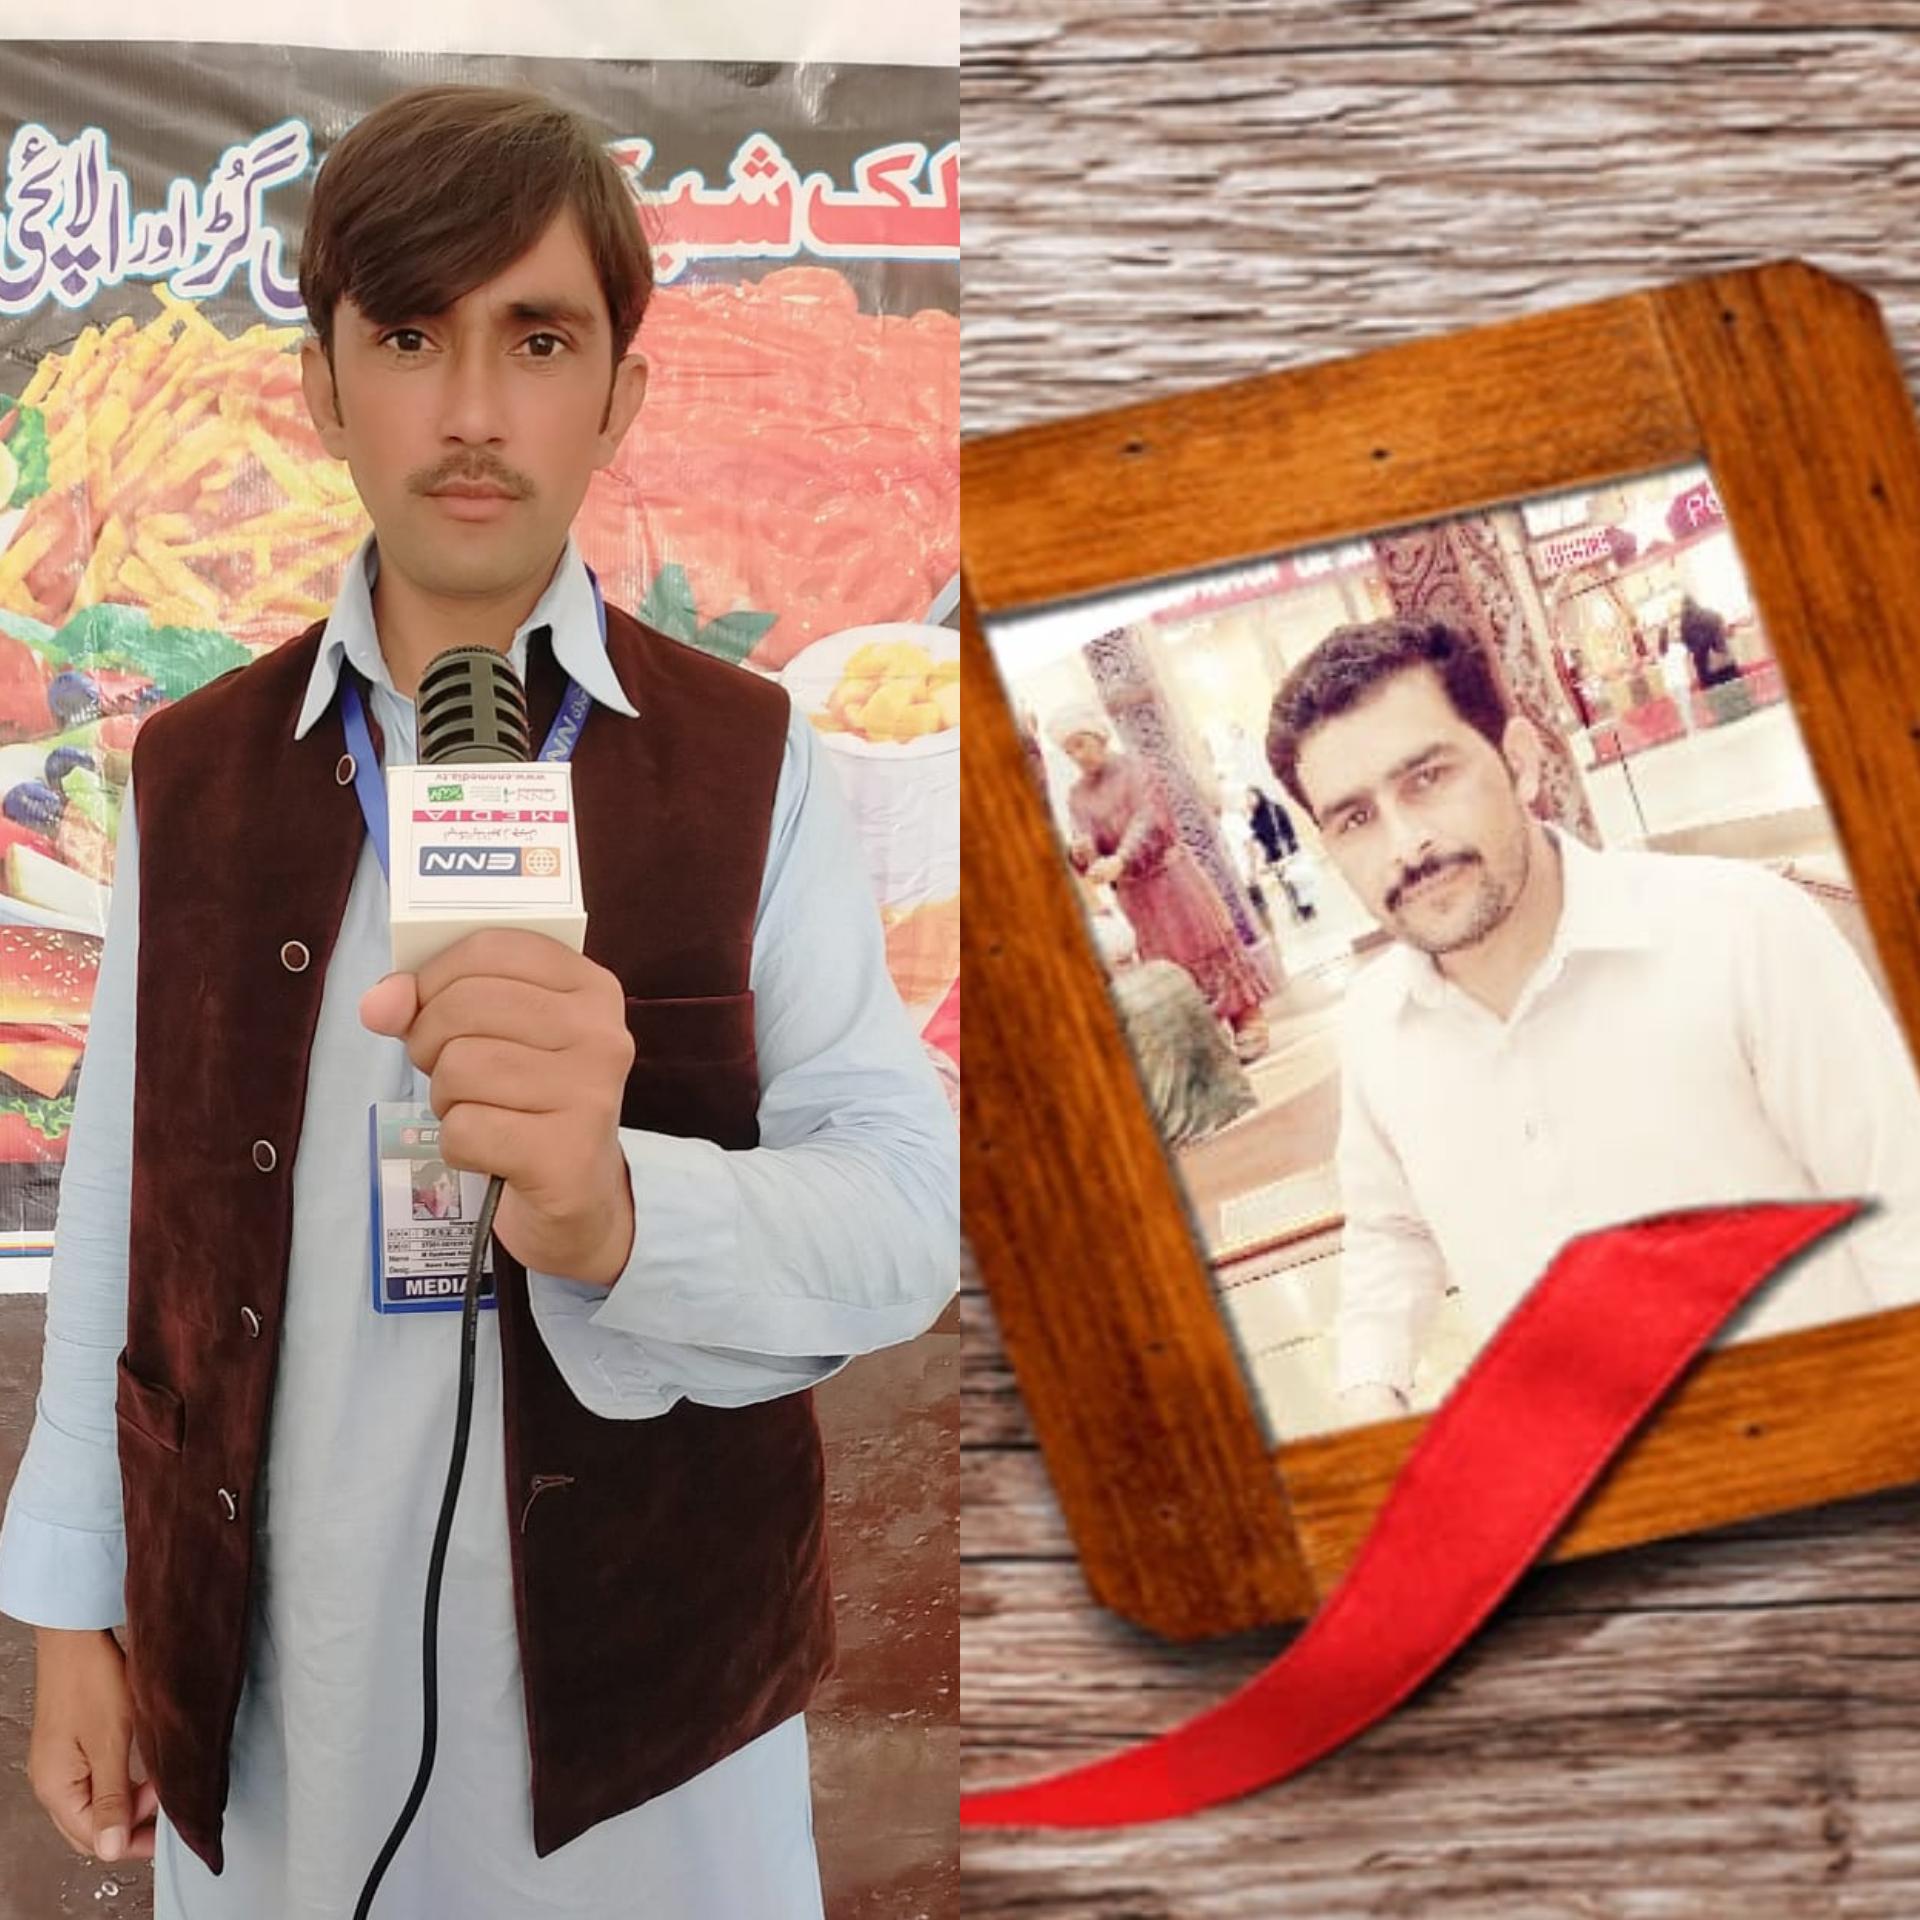 پاکستان تحریک انصاف کے متحرک نوجوان روح رواں ،نڈر، بے باک   لیڈر کی خصوصیات رکھنے والا شخص سردار انصر محمود